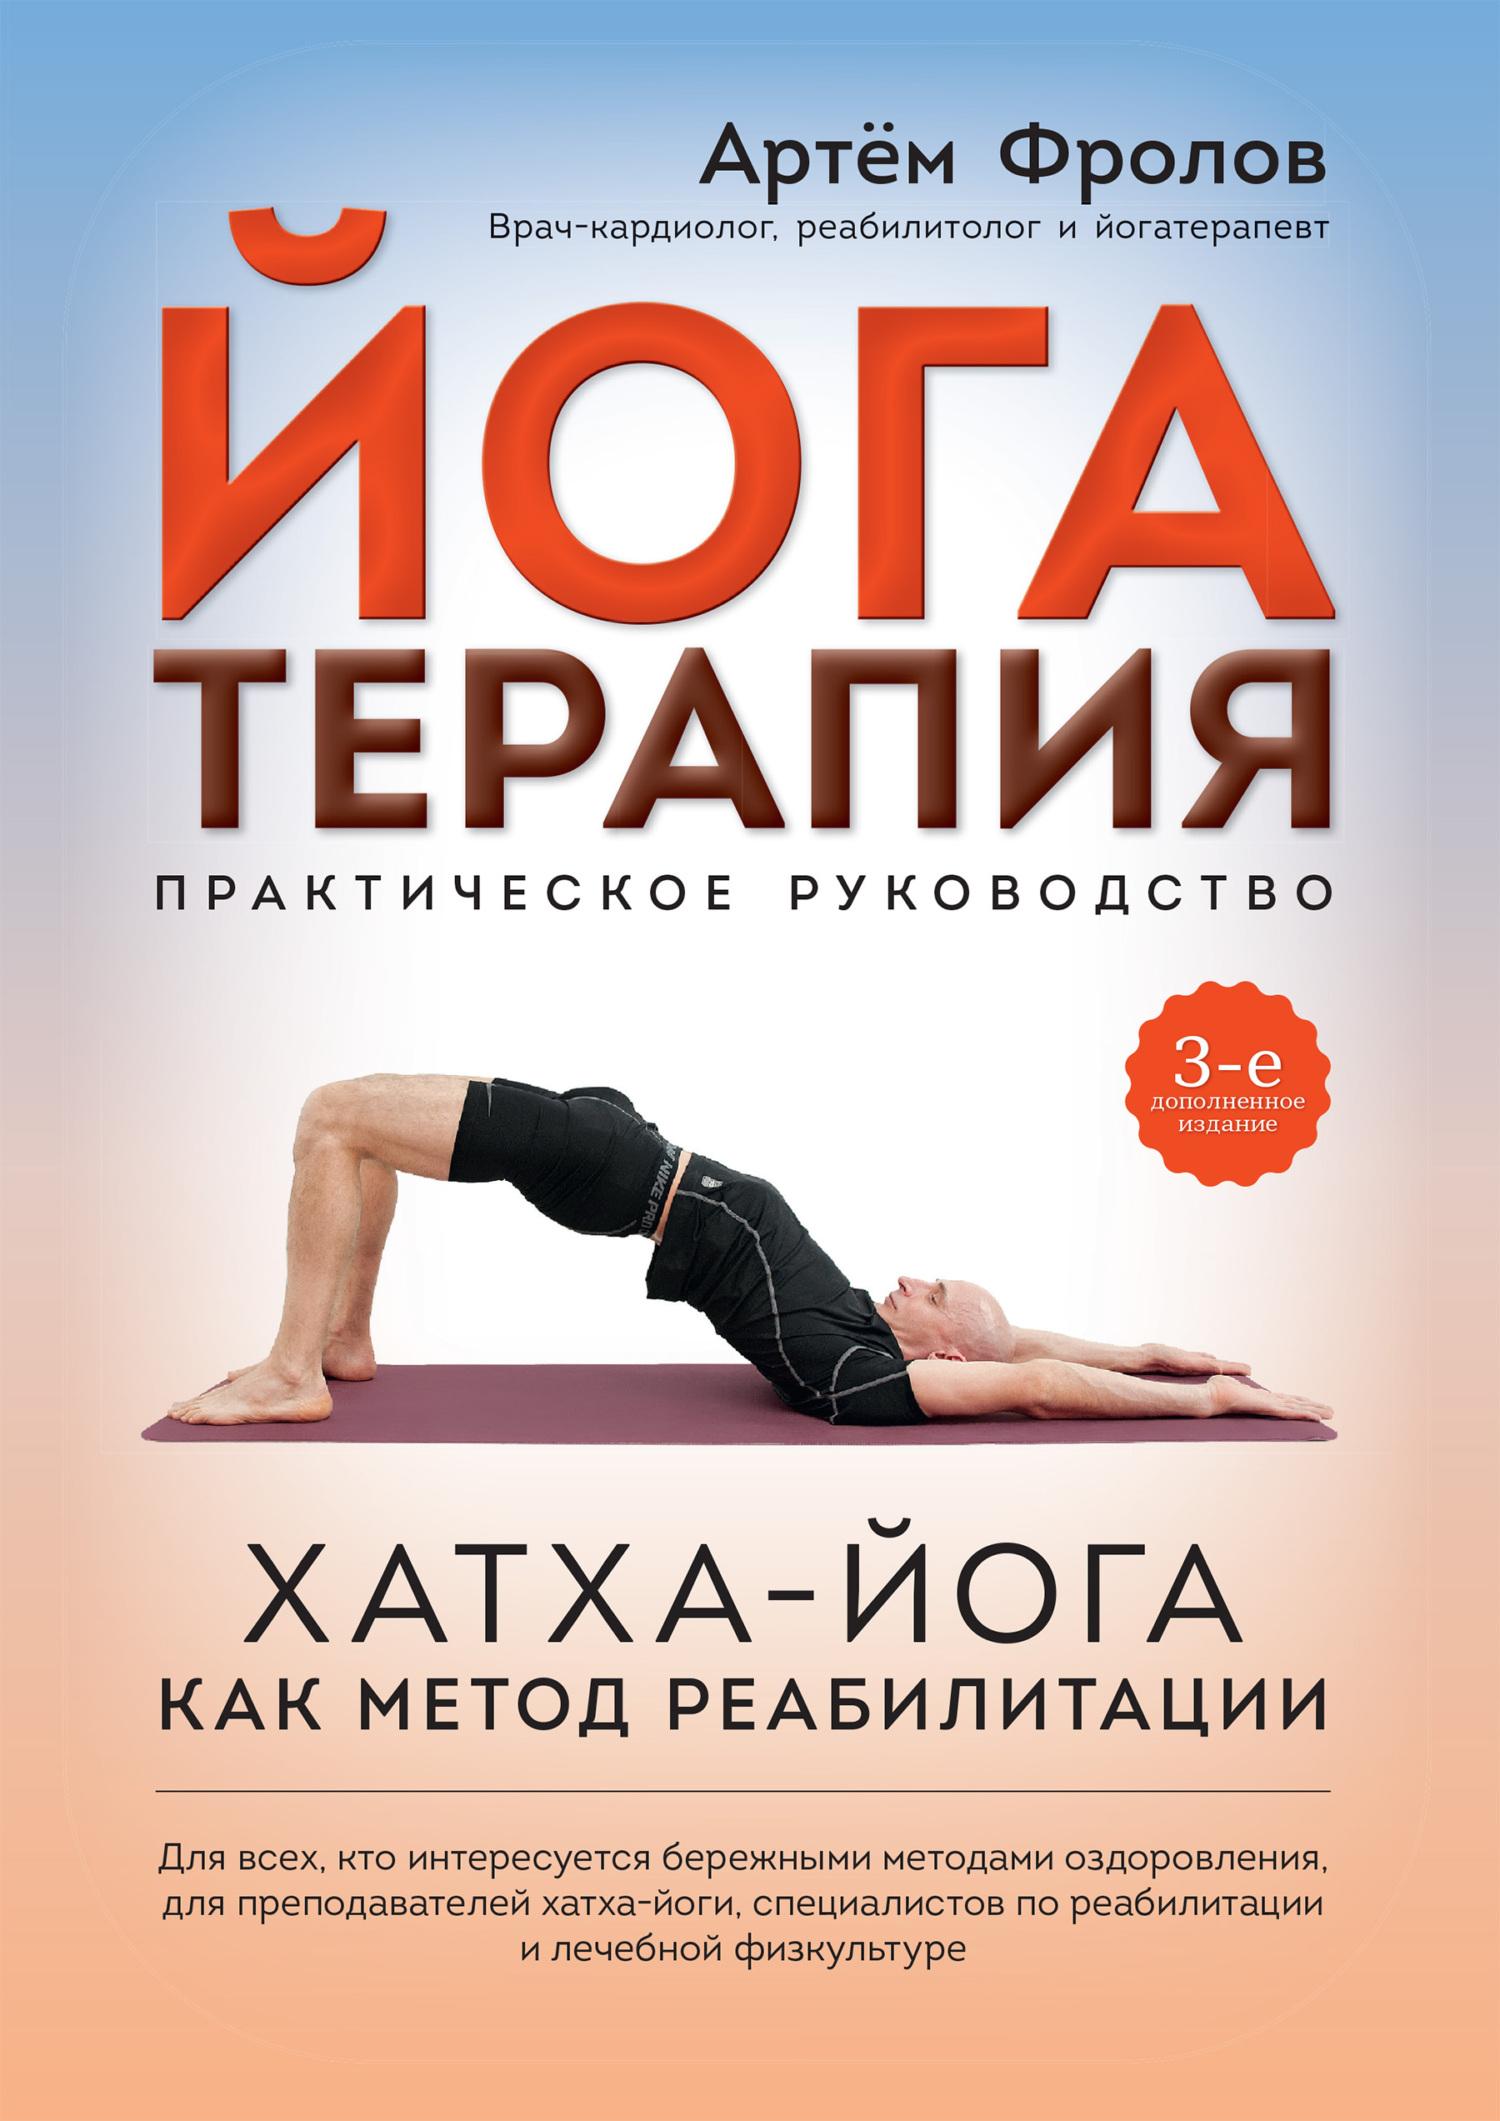 Артём Фролов Йогатерапия. Практическое руководство сердце йоги принципы построения индивидуальной практики